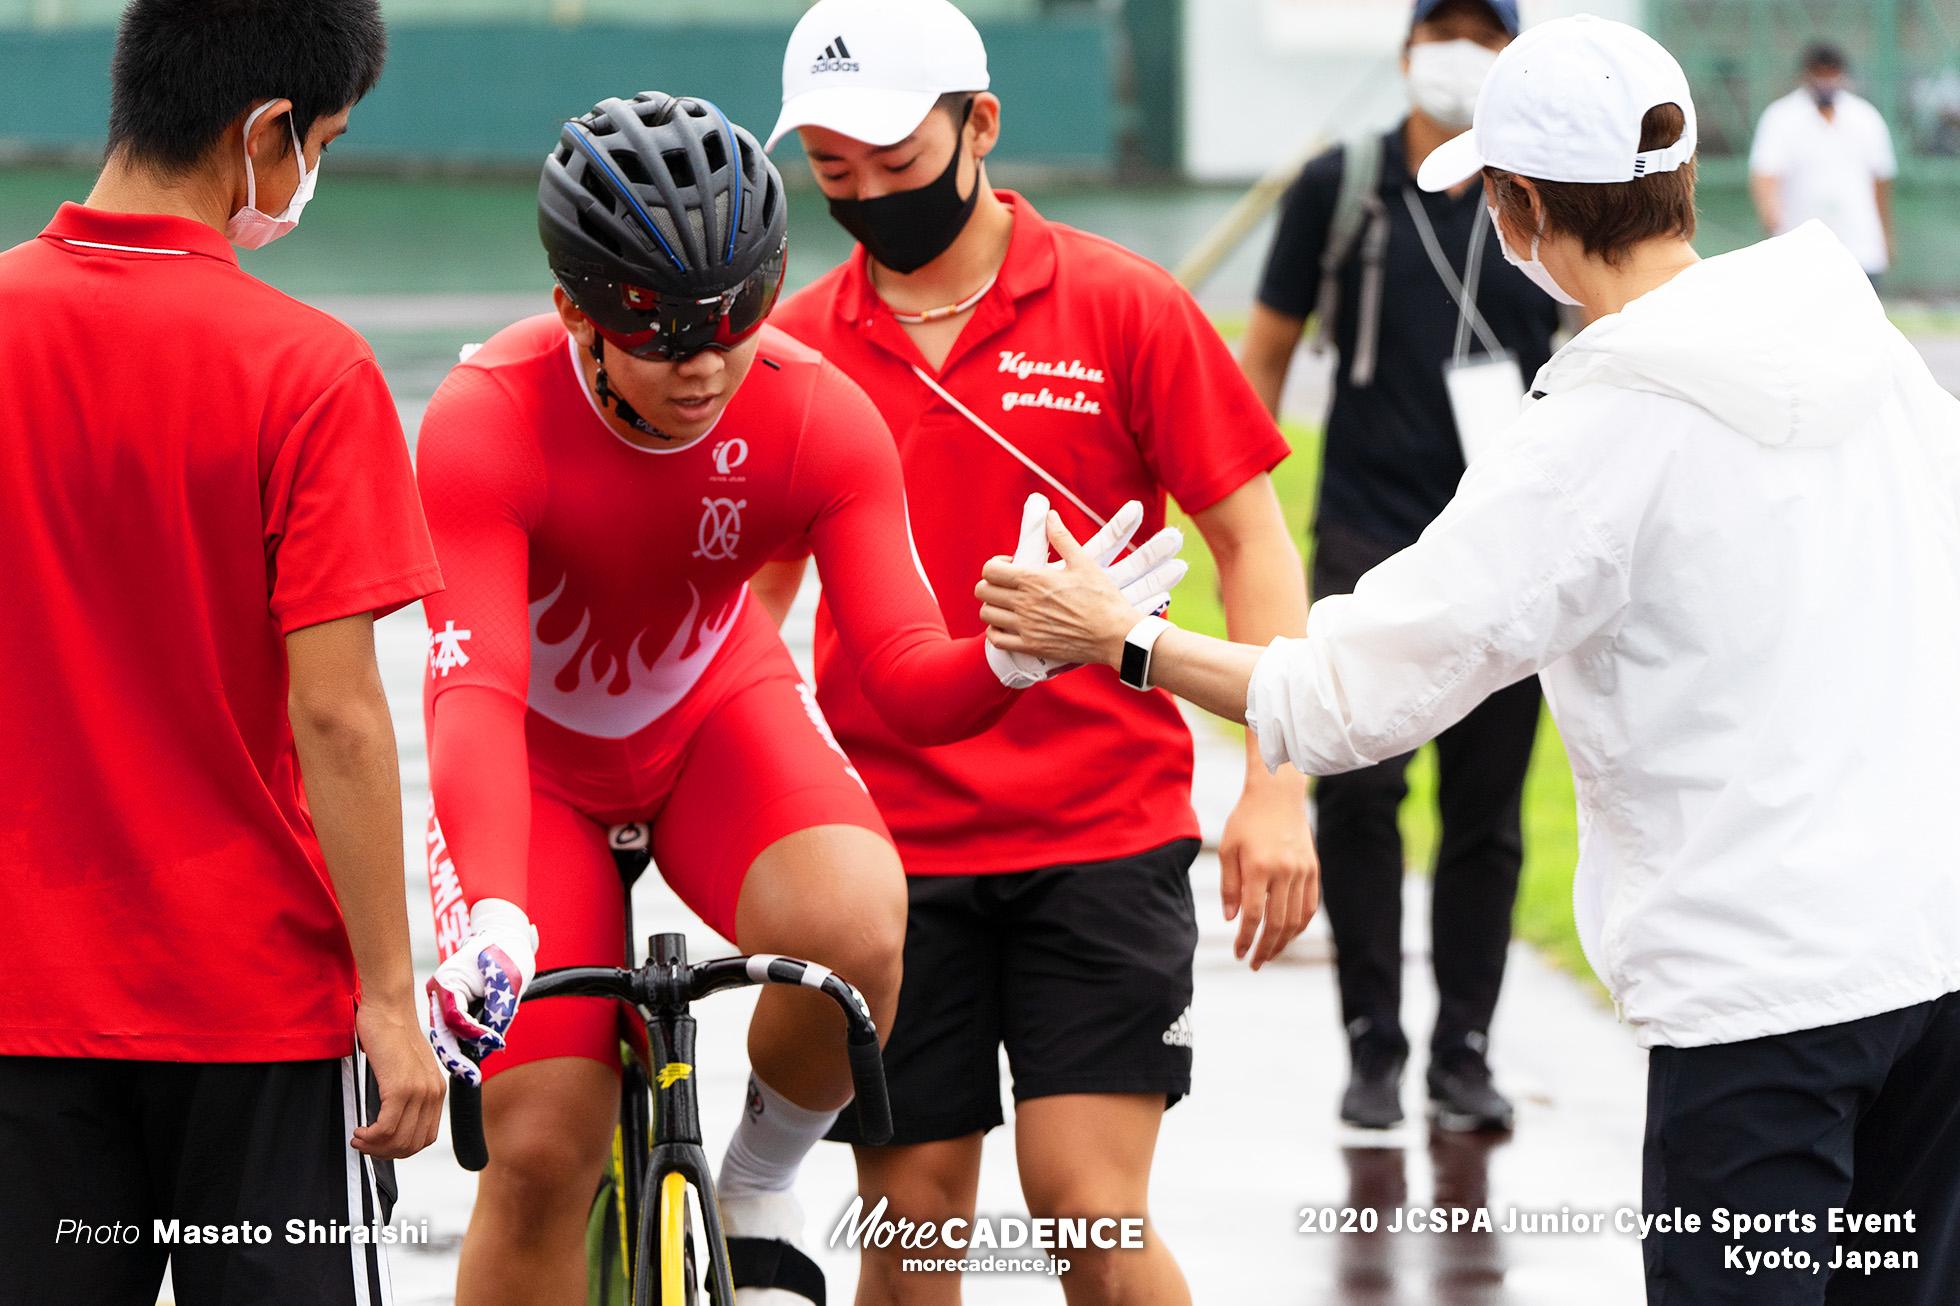 中山遼太郎(九州学院) ジュニアサイクルスポーツ大会